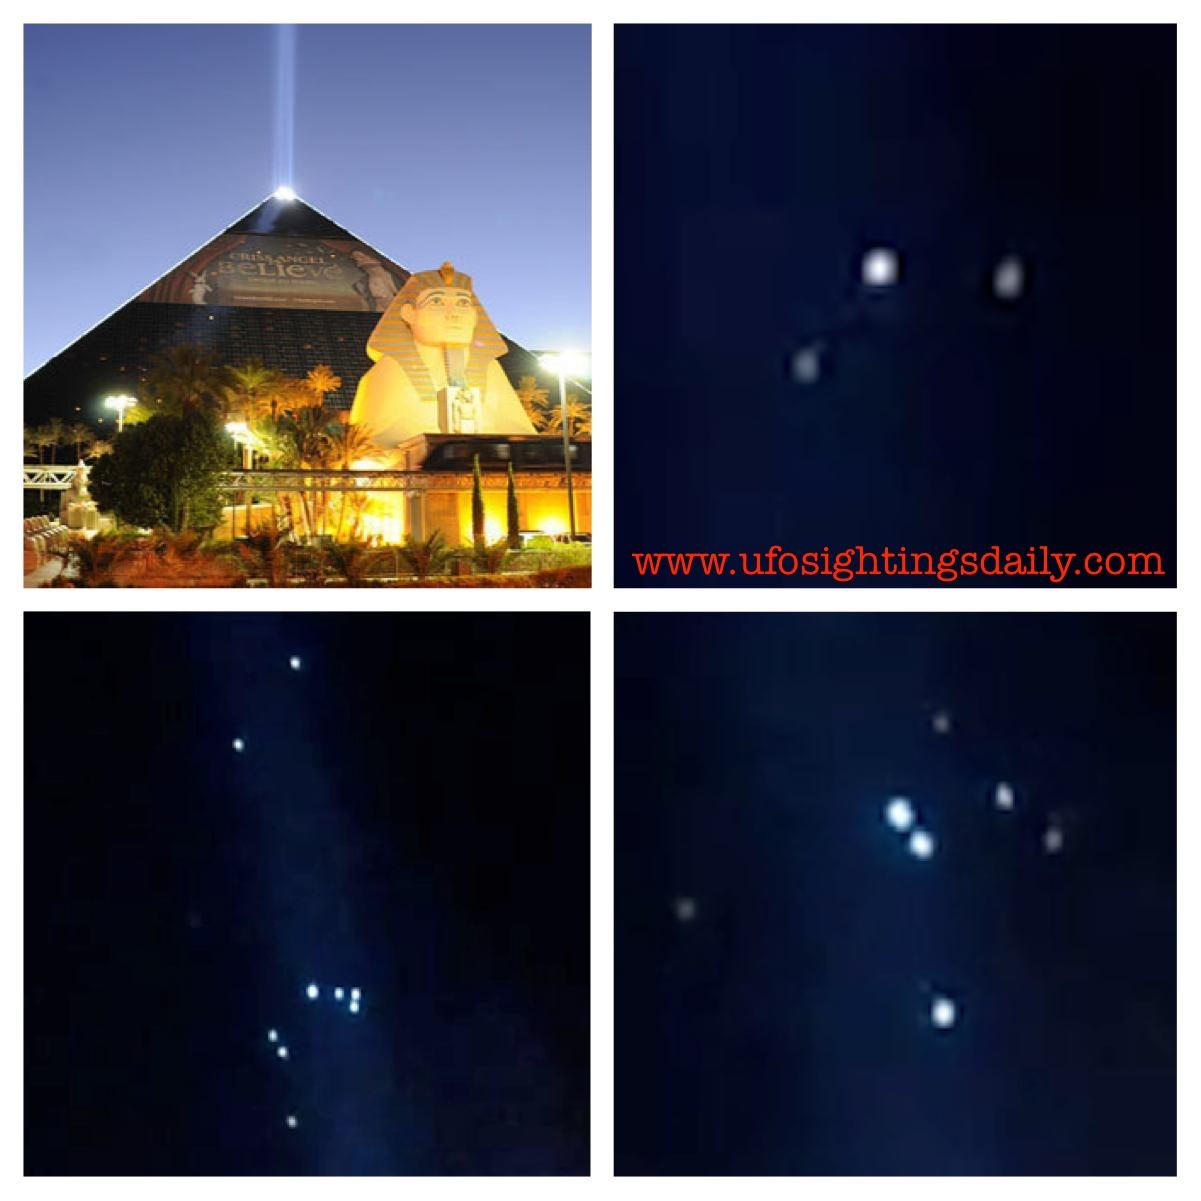 las vegas pyramid hotel